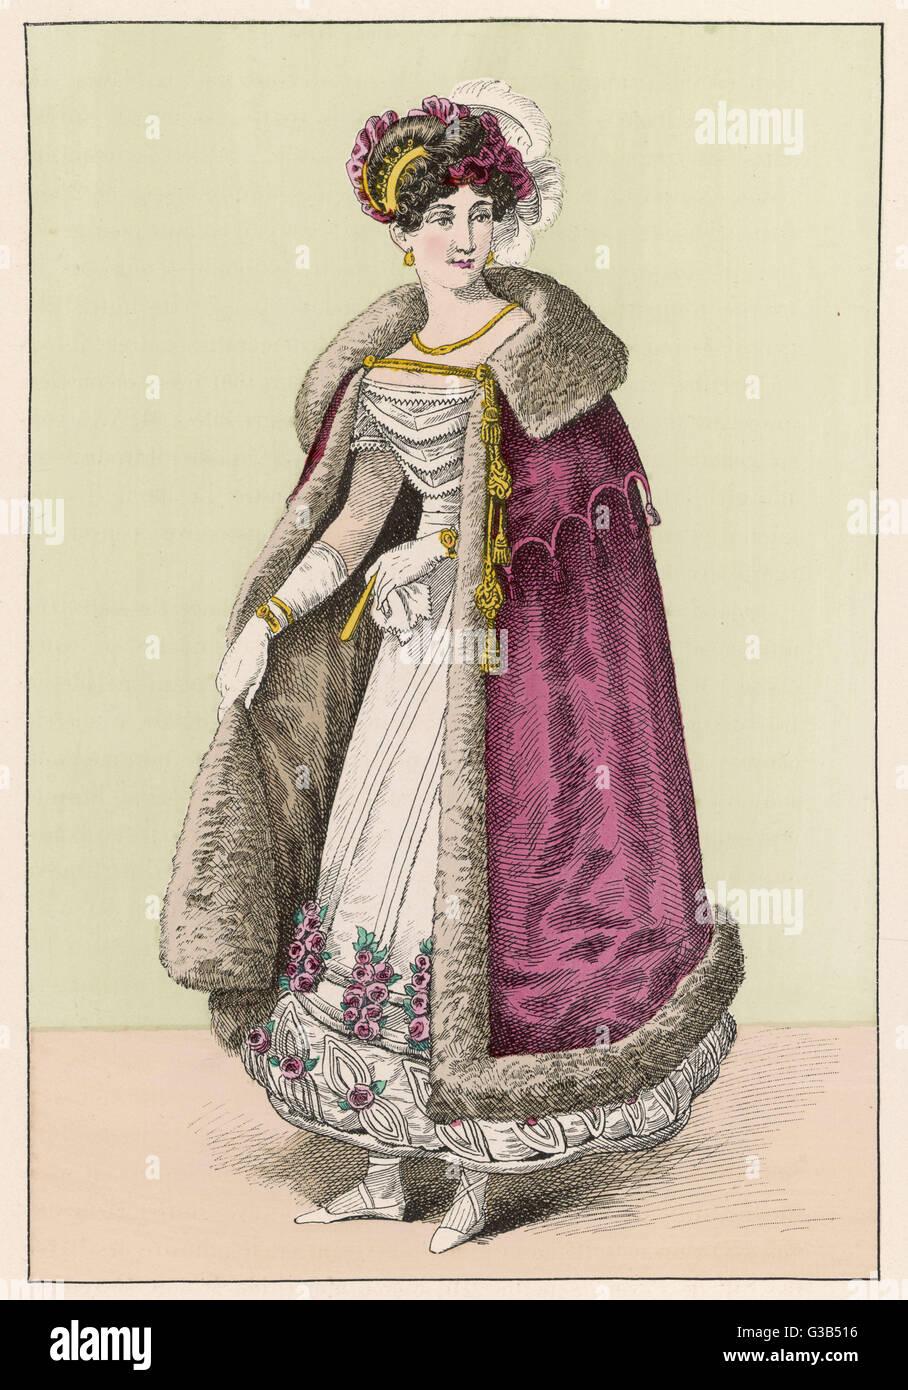 Dama francesa lleva una túnica blanca el dobladillo de que está adornado con cubitos, rouleaux, aplicado en forma foliar recortar &Amp; racimos de rosas rojas. Su manto rojo está forrada con piel. Fecha: 1821 Foto de stock